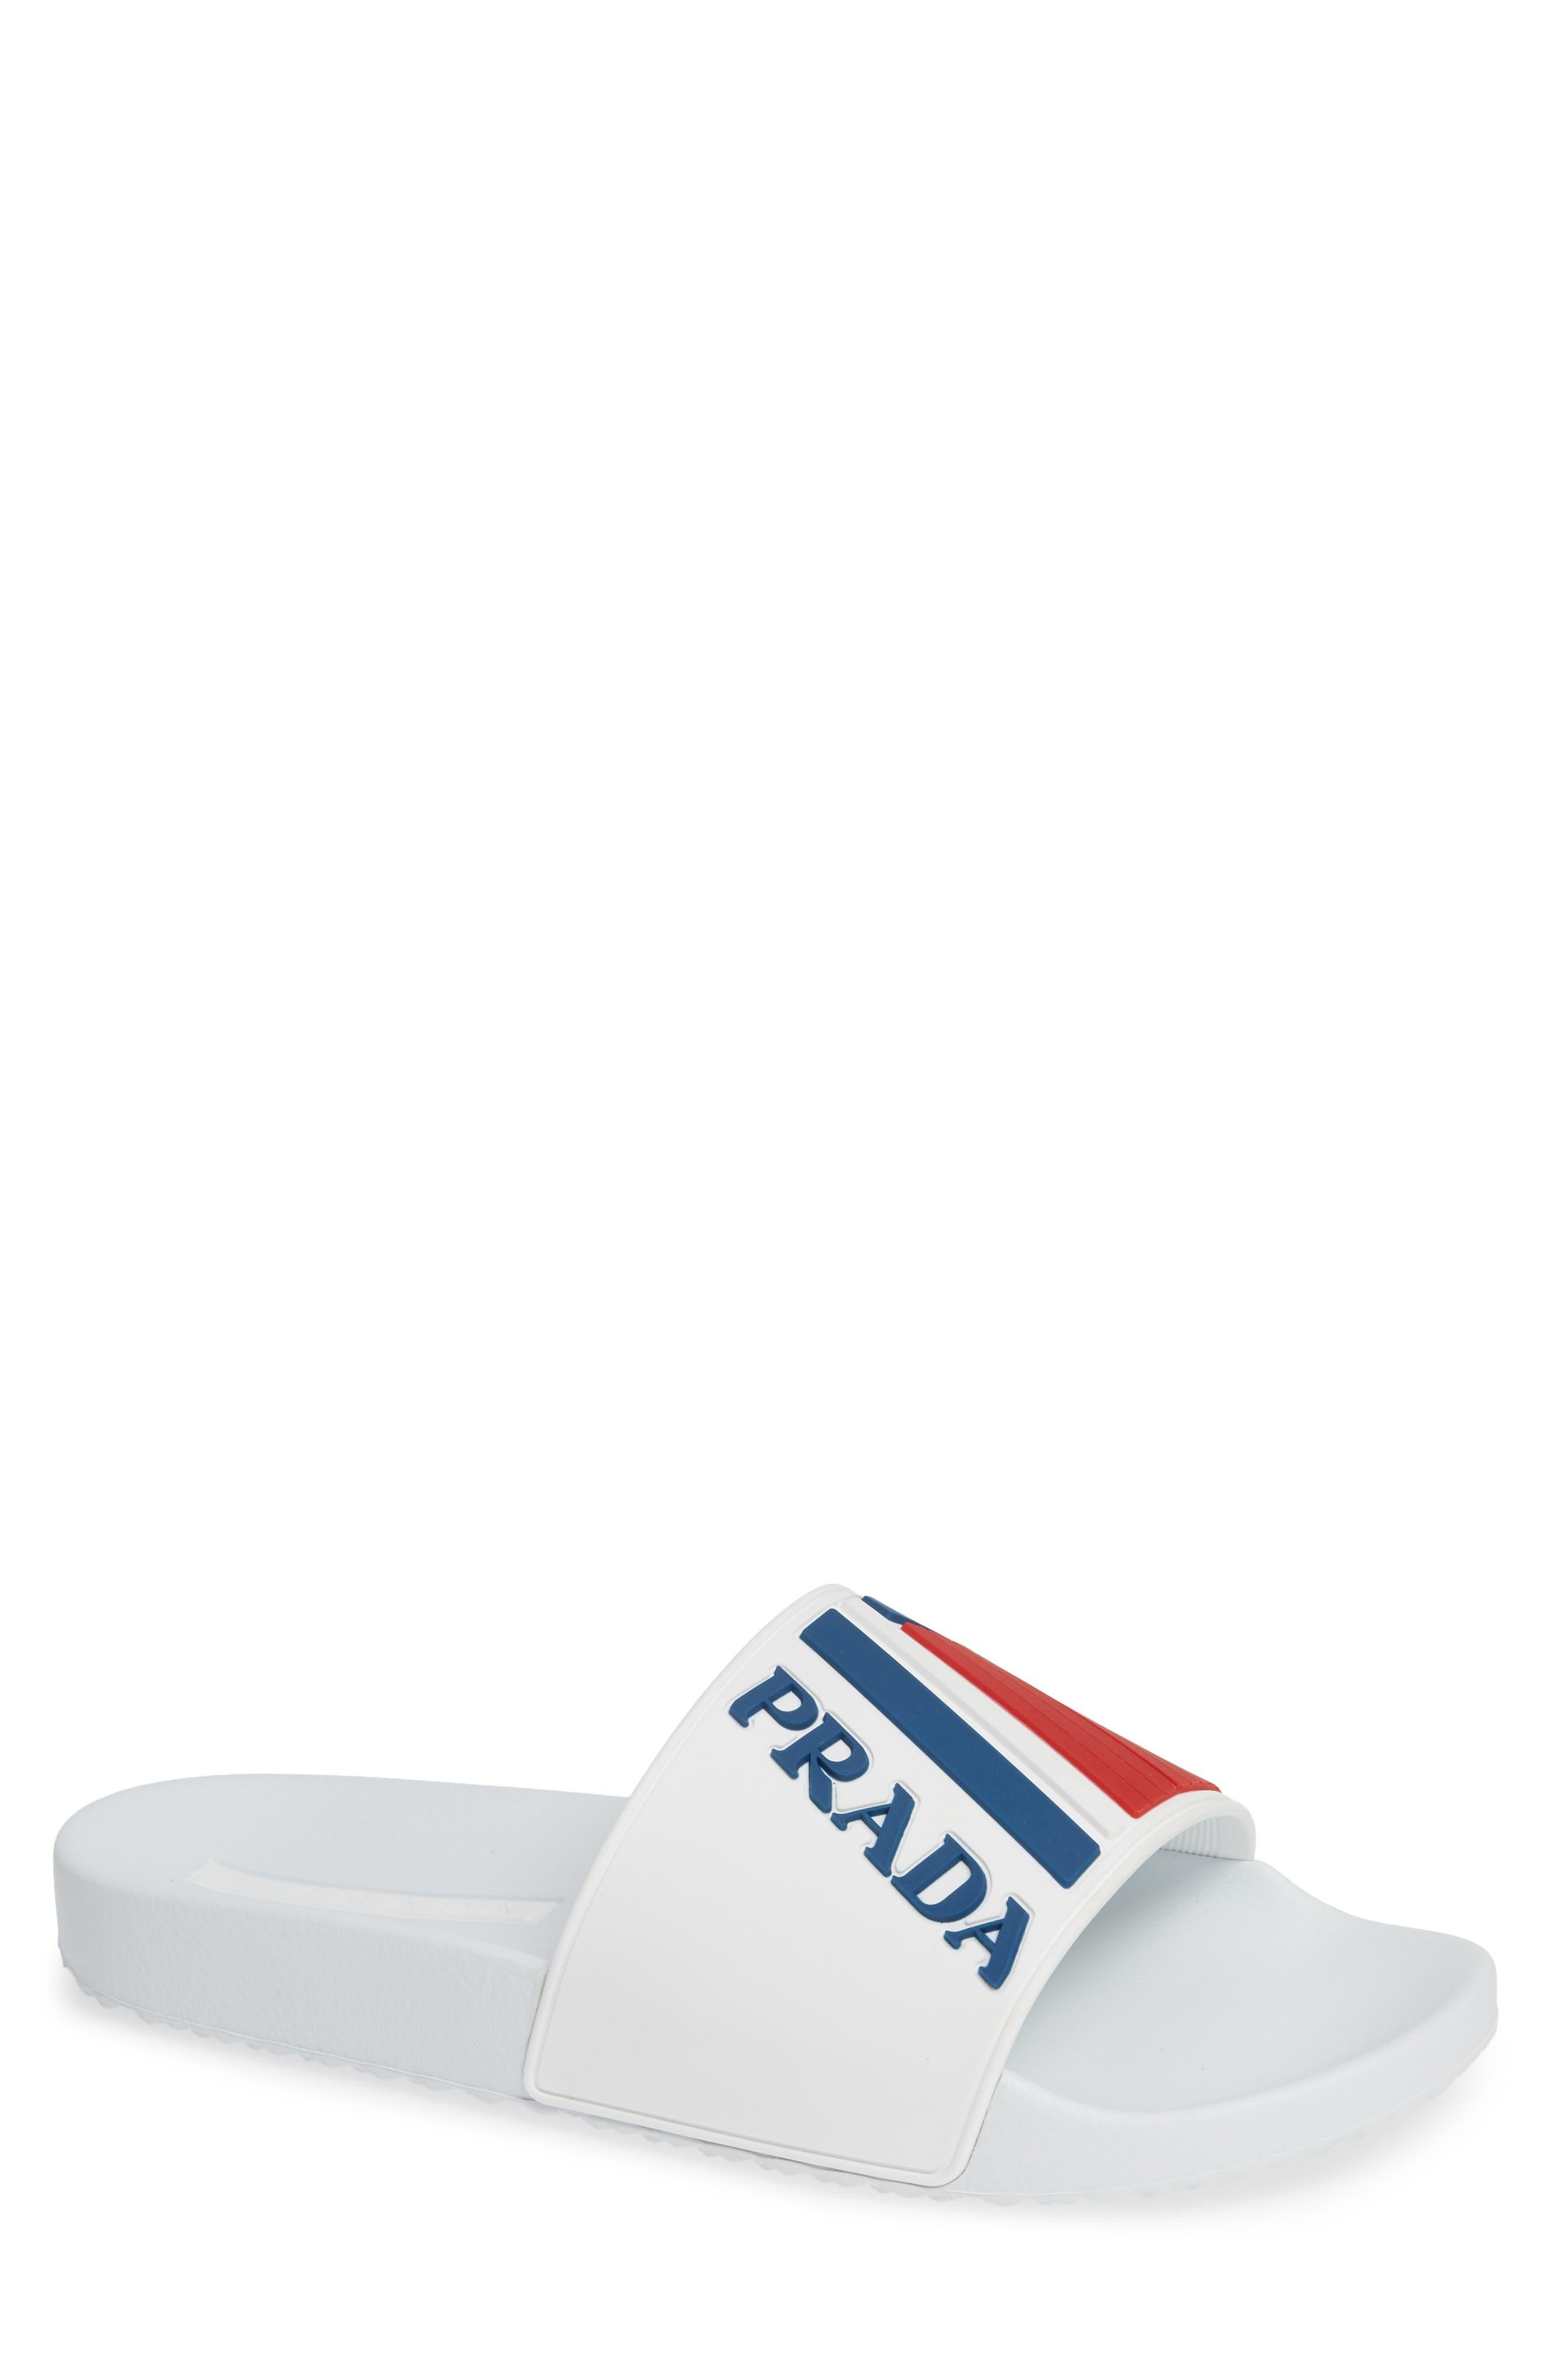 Linea Rossa Logo Slide Sandal,                         Main,                         color, WHITE/ BLUE